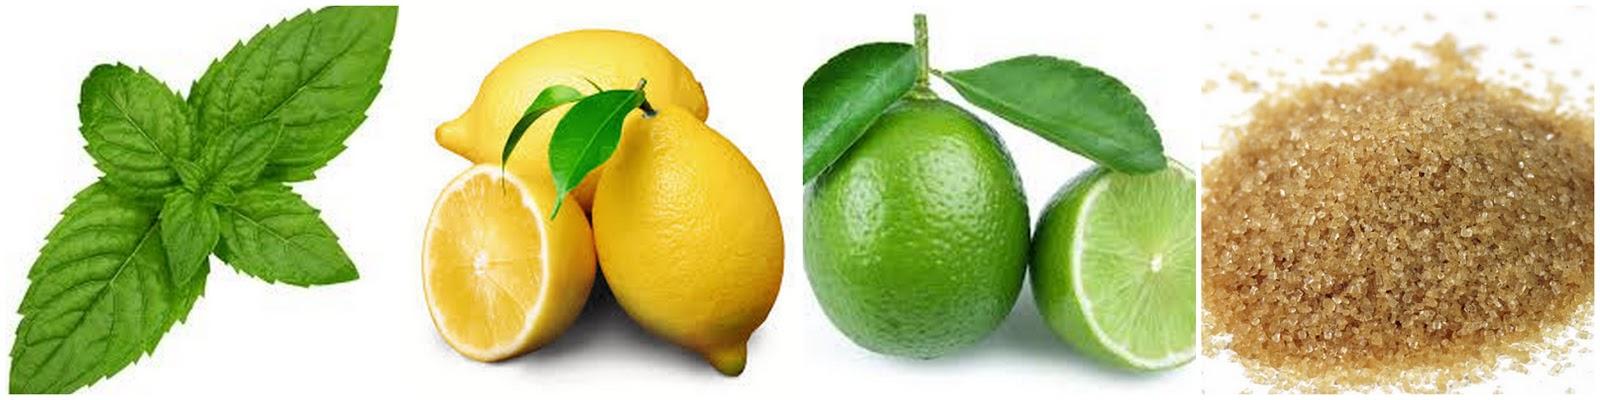 Ninelly: Рецепты лимонадов. Домашний лимонад с лаймом и мятой